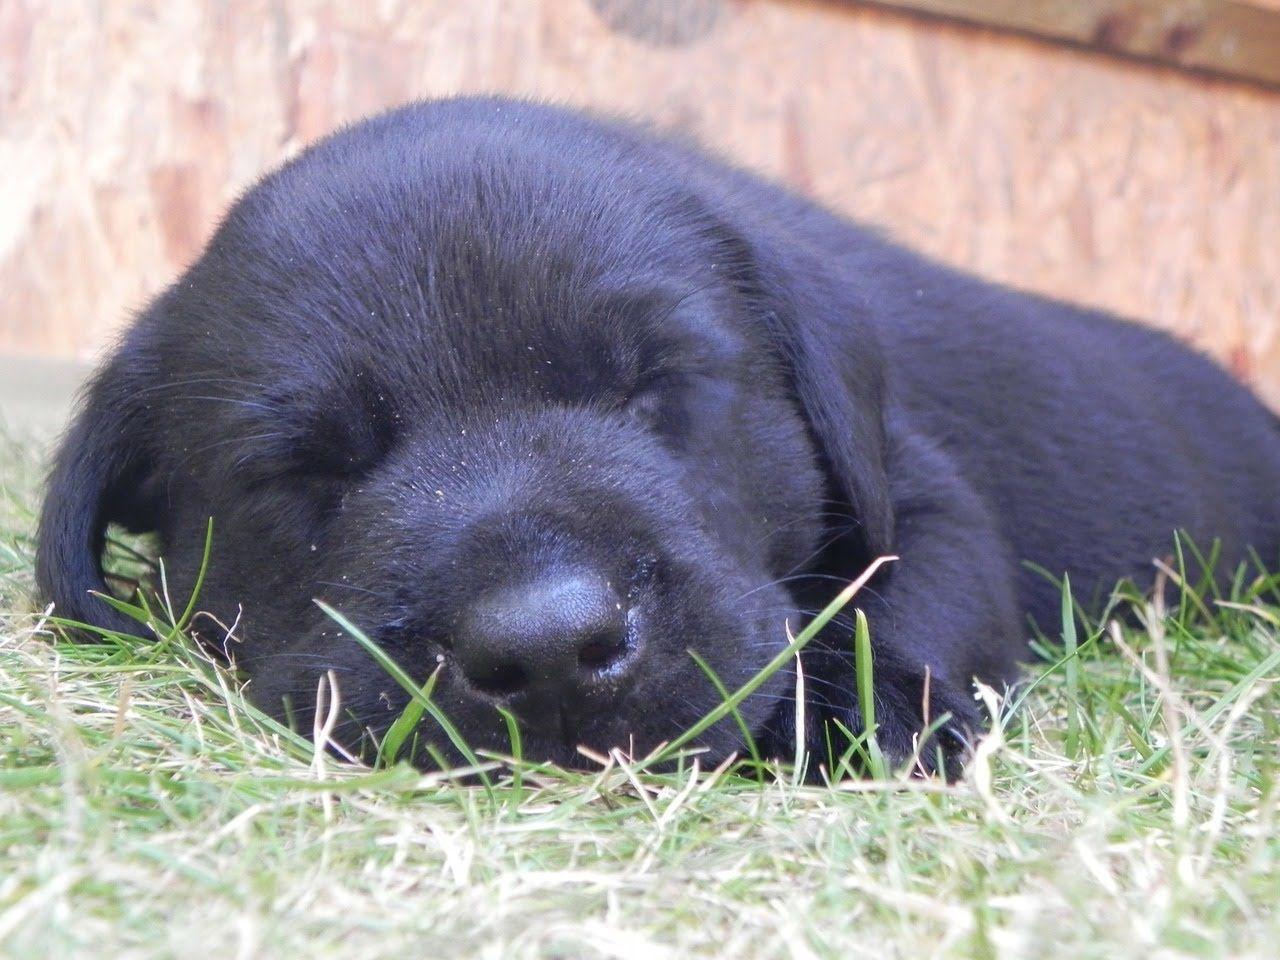 Fantastic Labrador Retriever Black Adorable Dog - 041c23fabdde6052af27e1b29bdeac33  2018_12320  .jpg